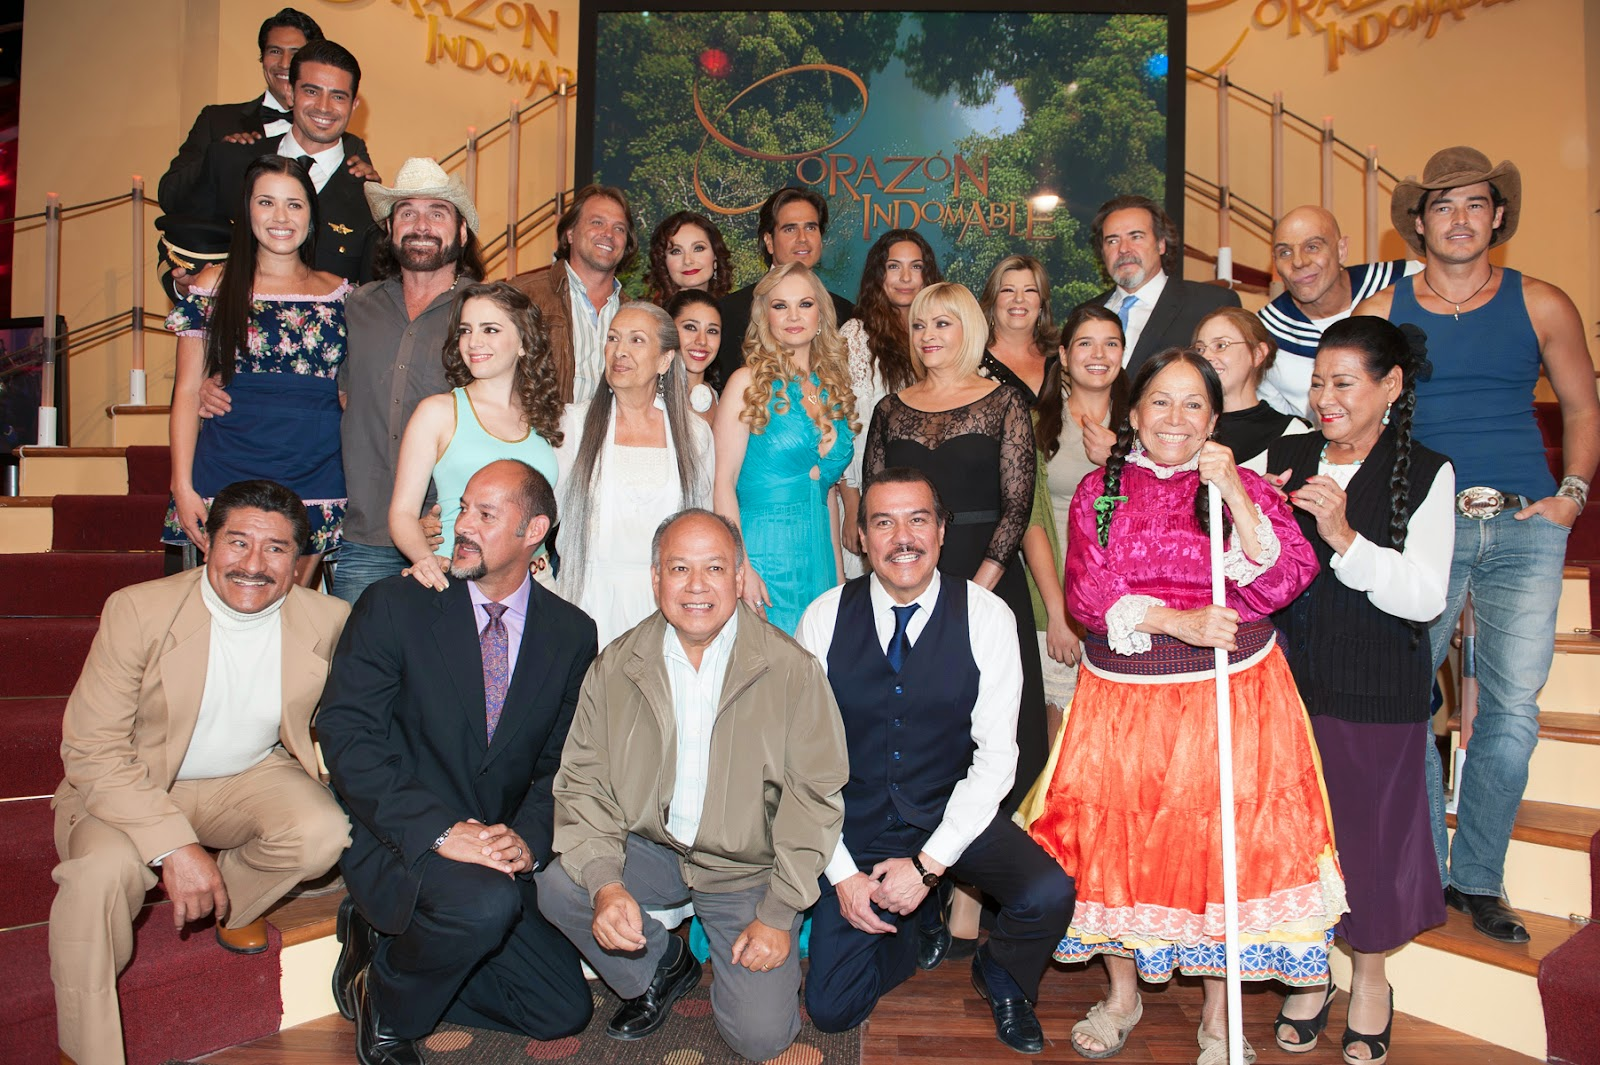 fotos presentaci243n de la telenovela coraz243n indomable